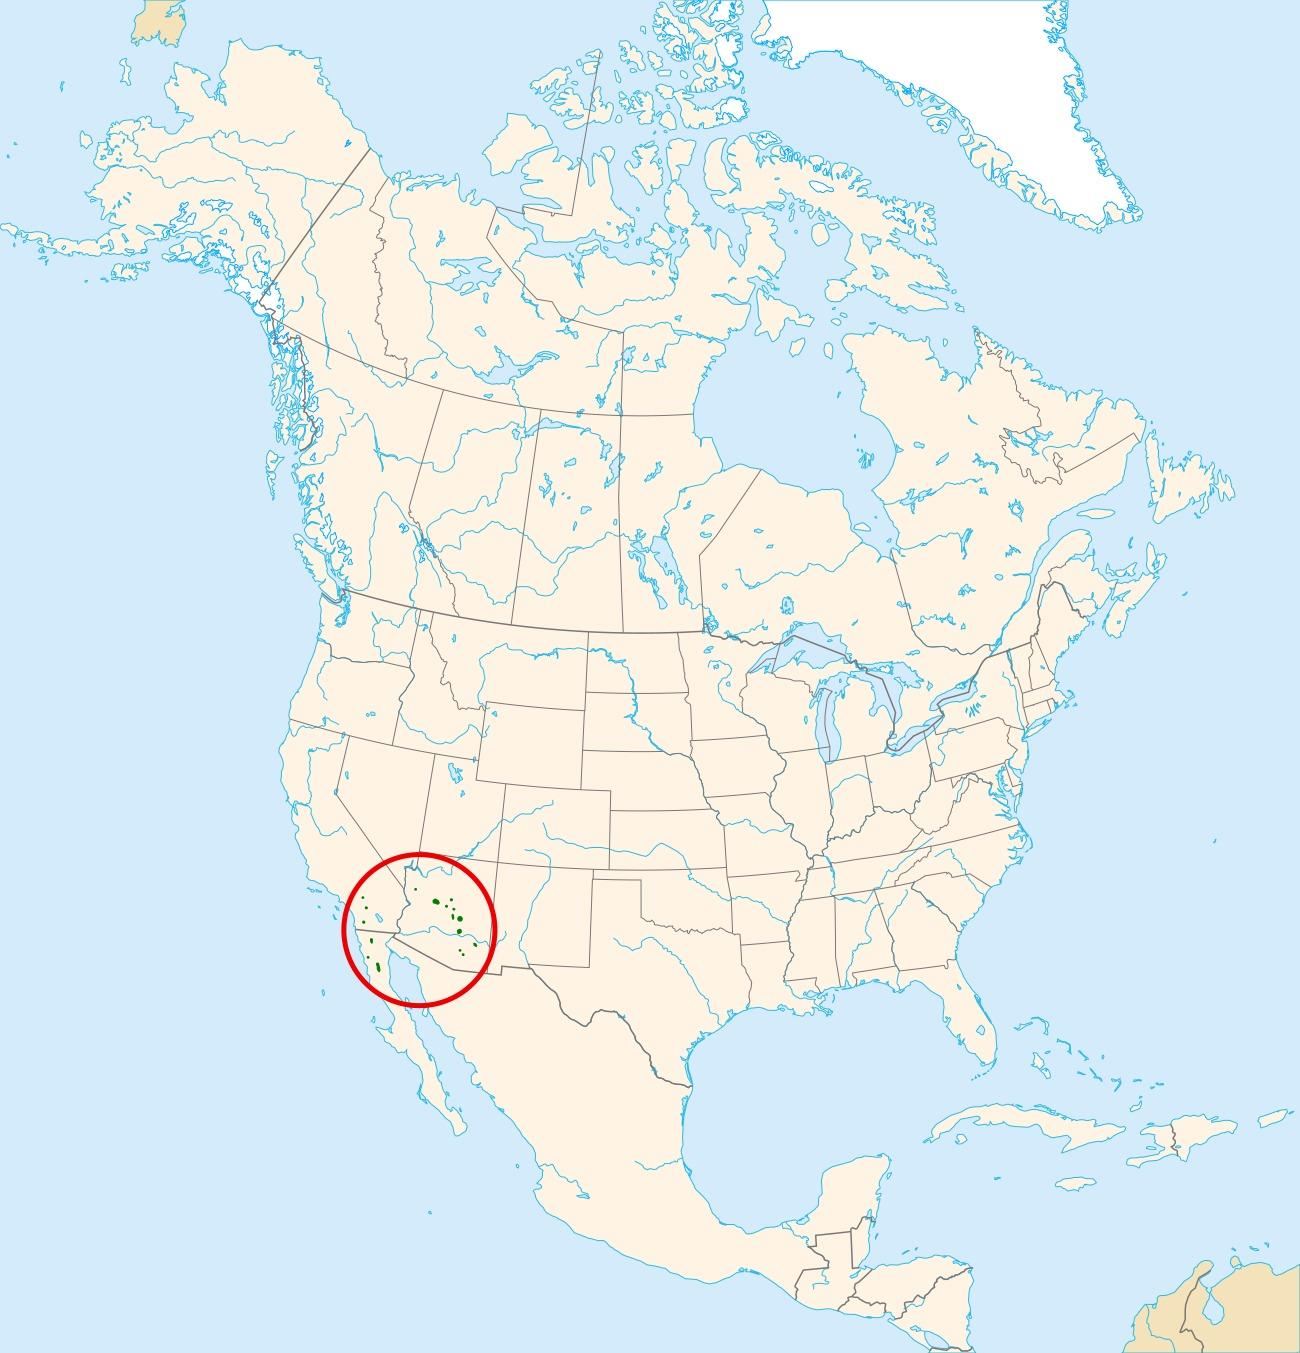 Map of pinkbract manzanita